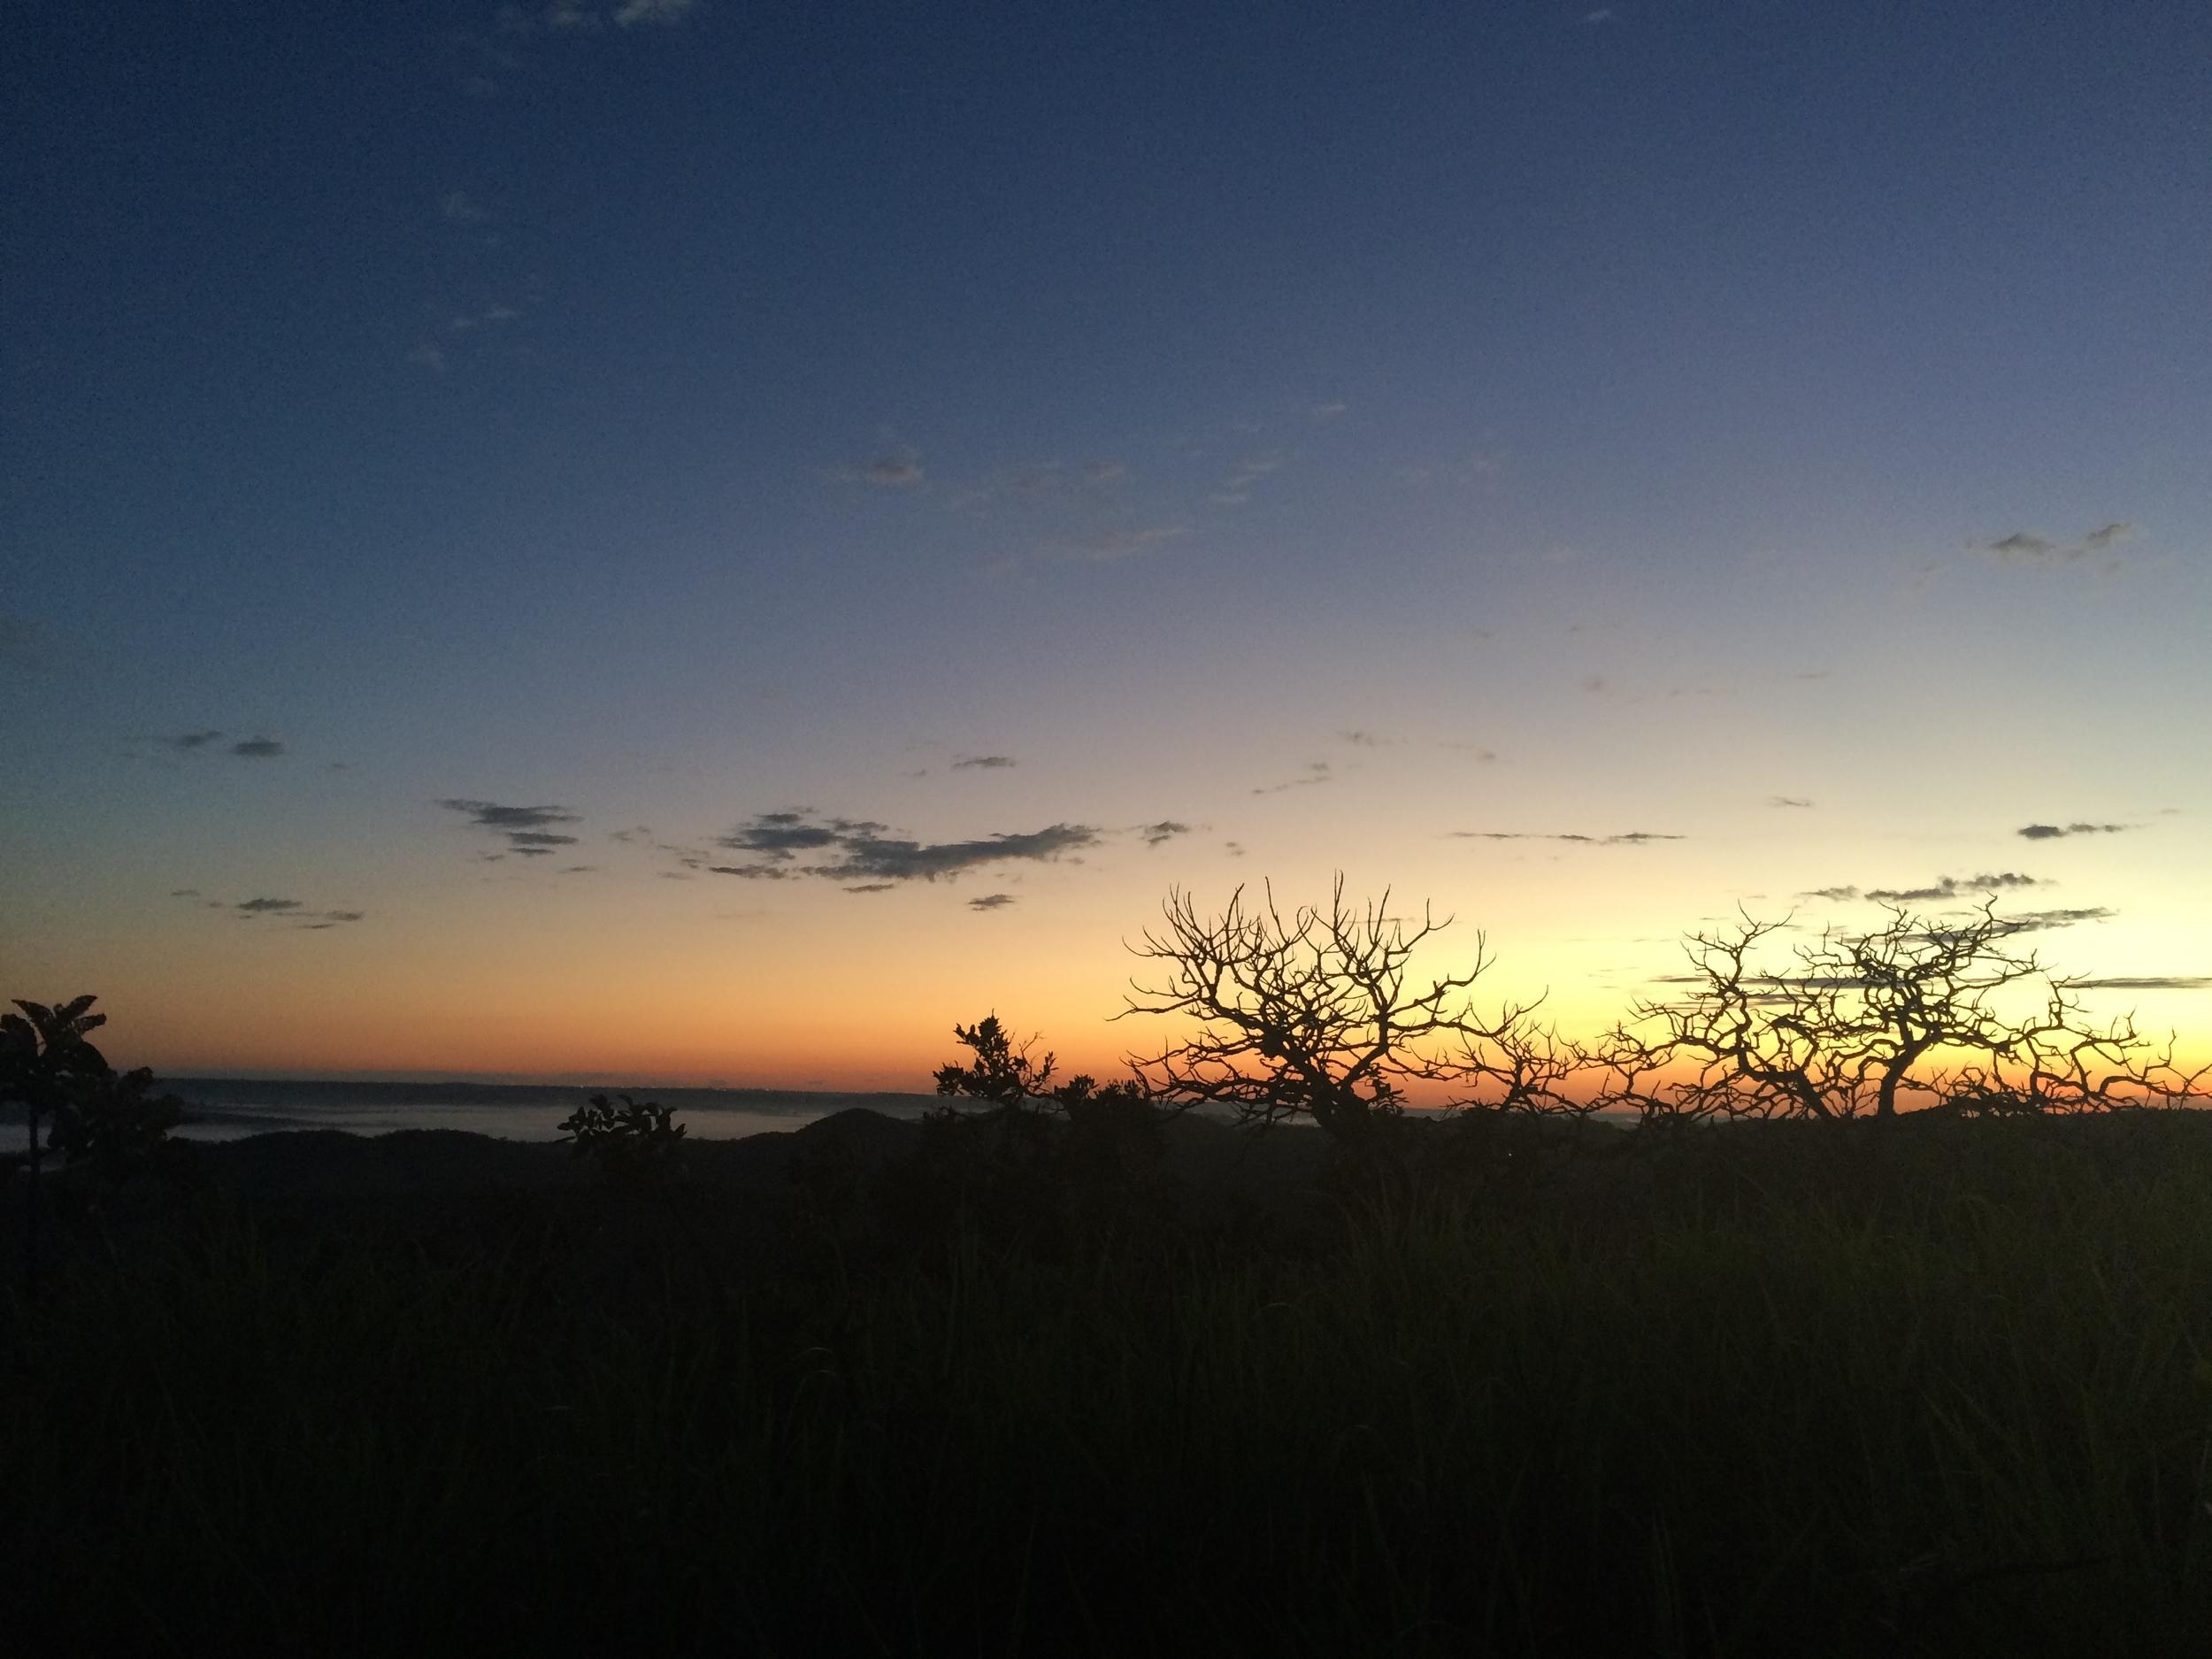 abadiania brazil dawn